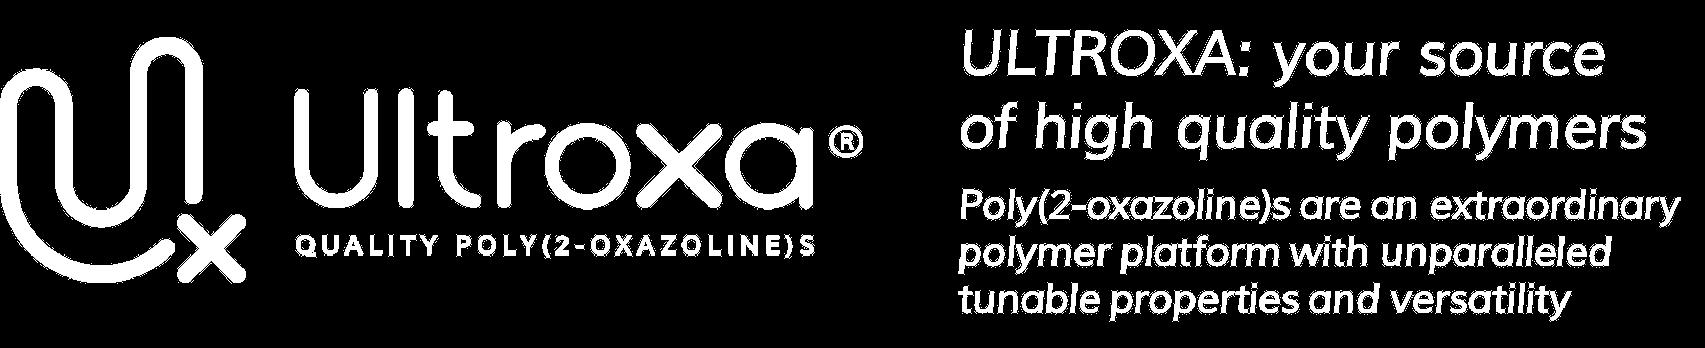 ULTROXA®